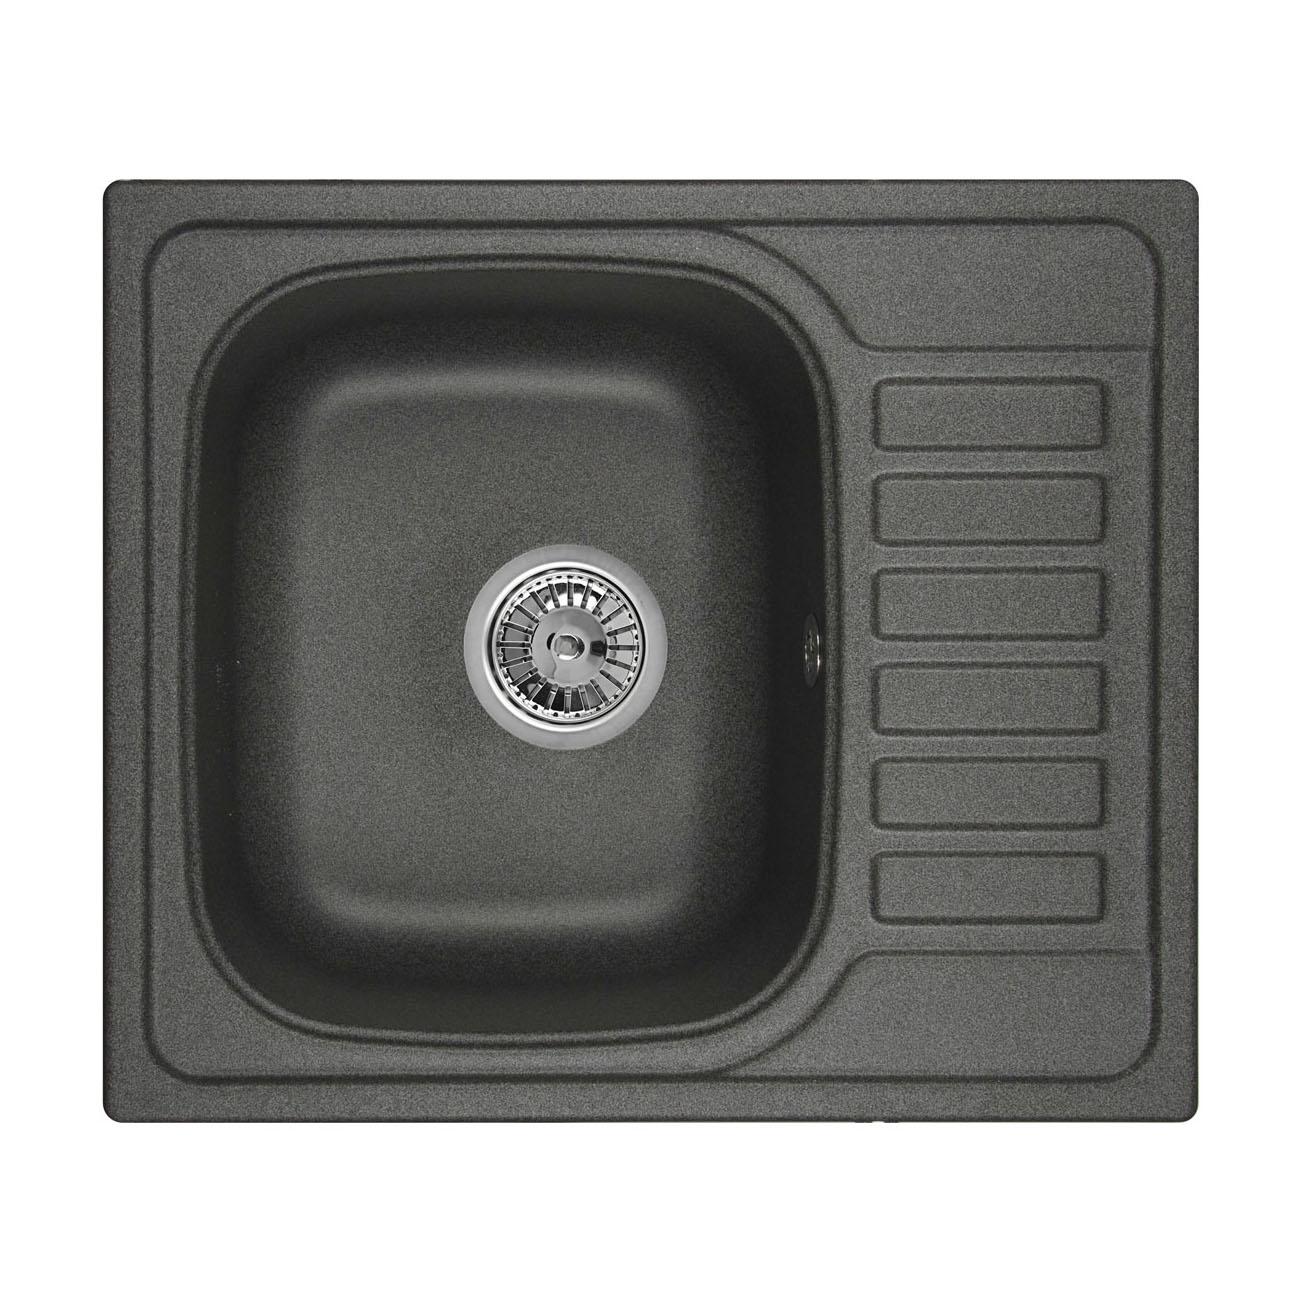 Кухонная мойка Granula GR-5801 575х495 графит кухонная мойка teka centroval mic